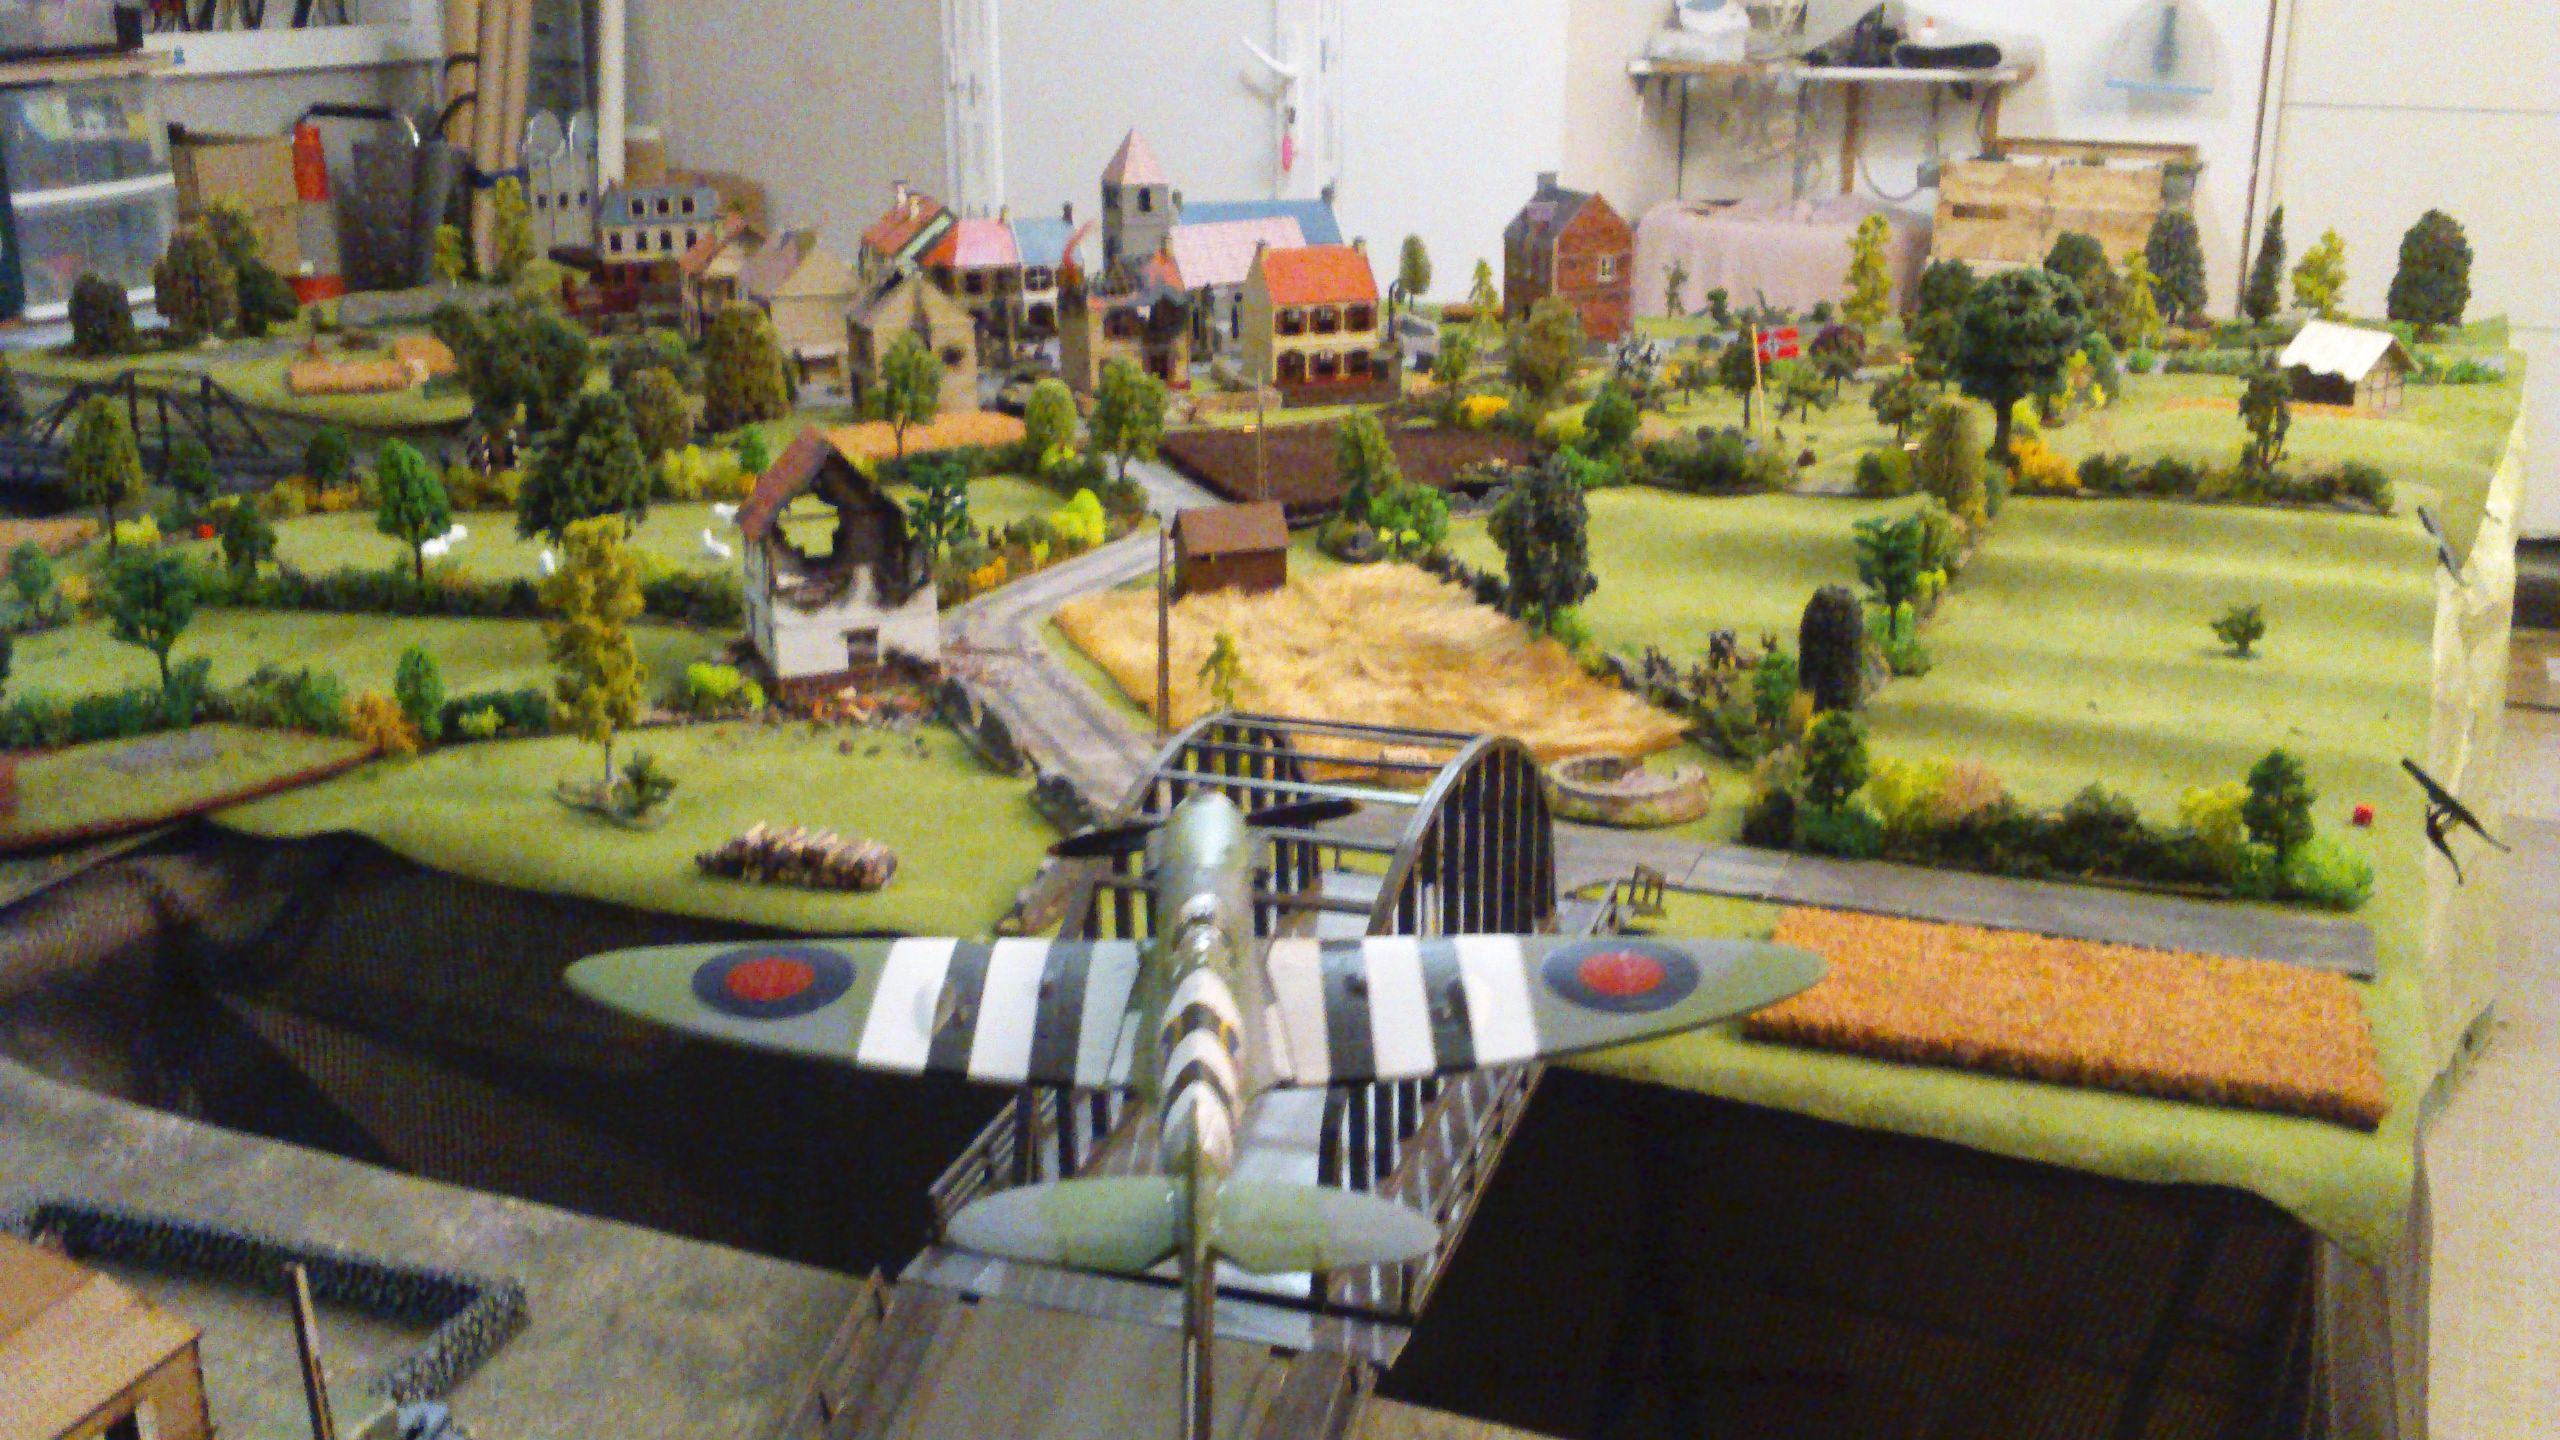 machecoulbattalion versus ParaFraiz in a fierce infantry engagement